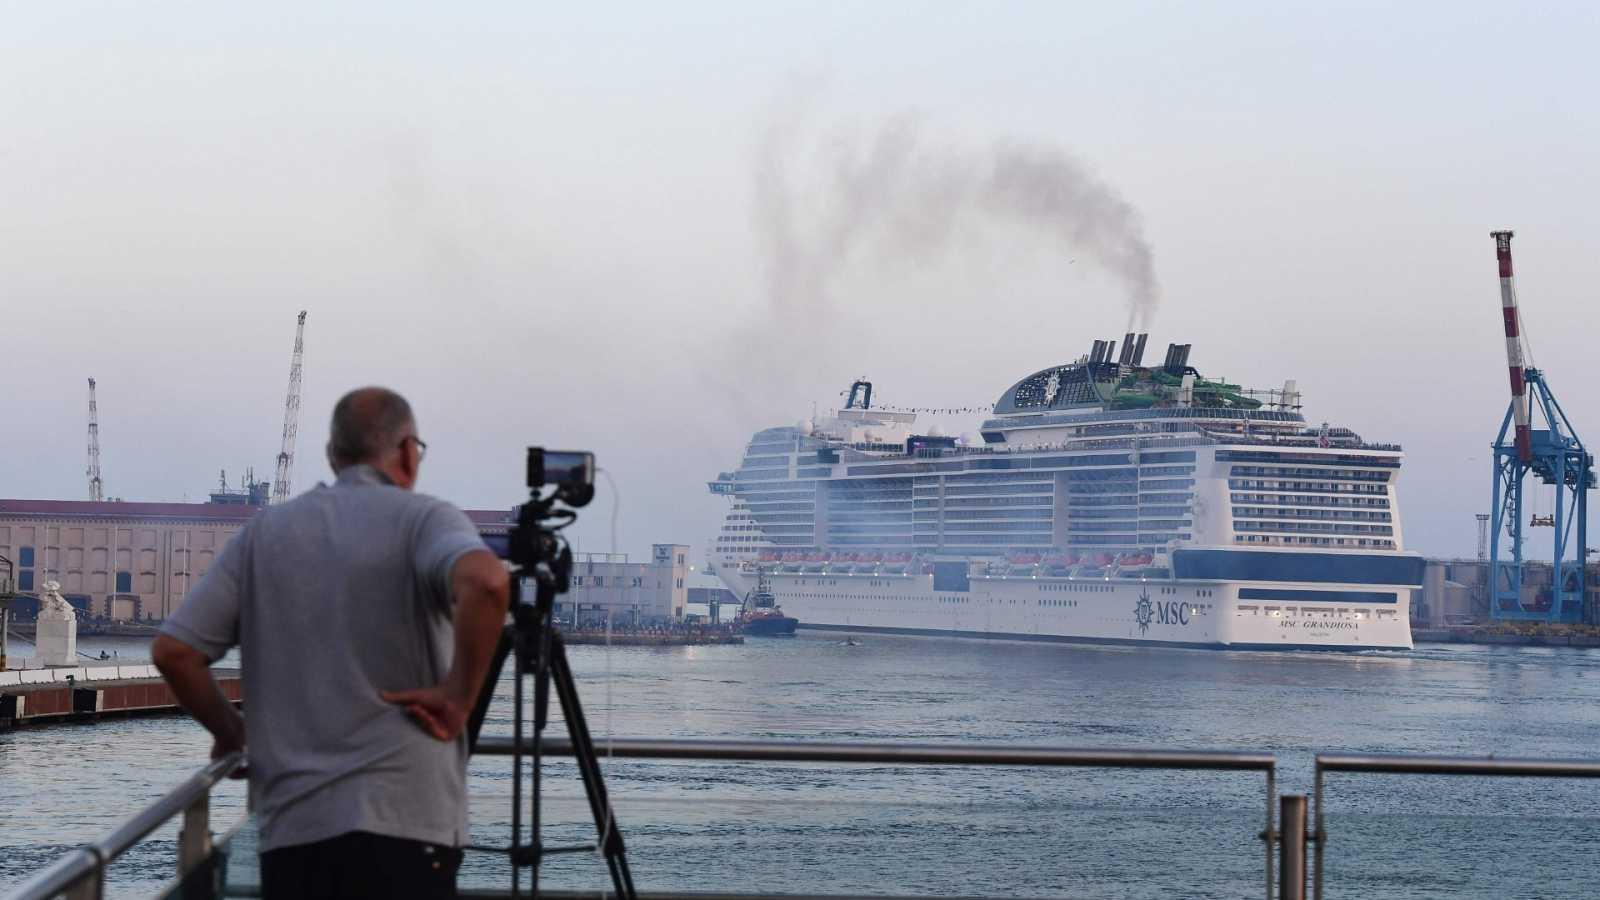 El crucero MSC Grandiosa saliendo del puerto de Génova (Italia) después de seis meses y medio de inactividad por COVID-19